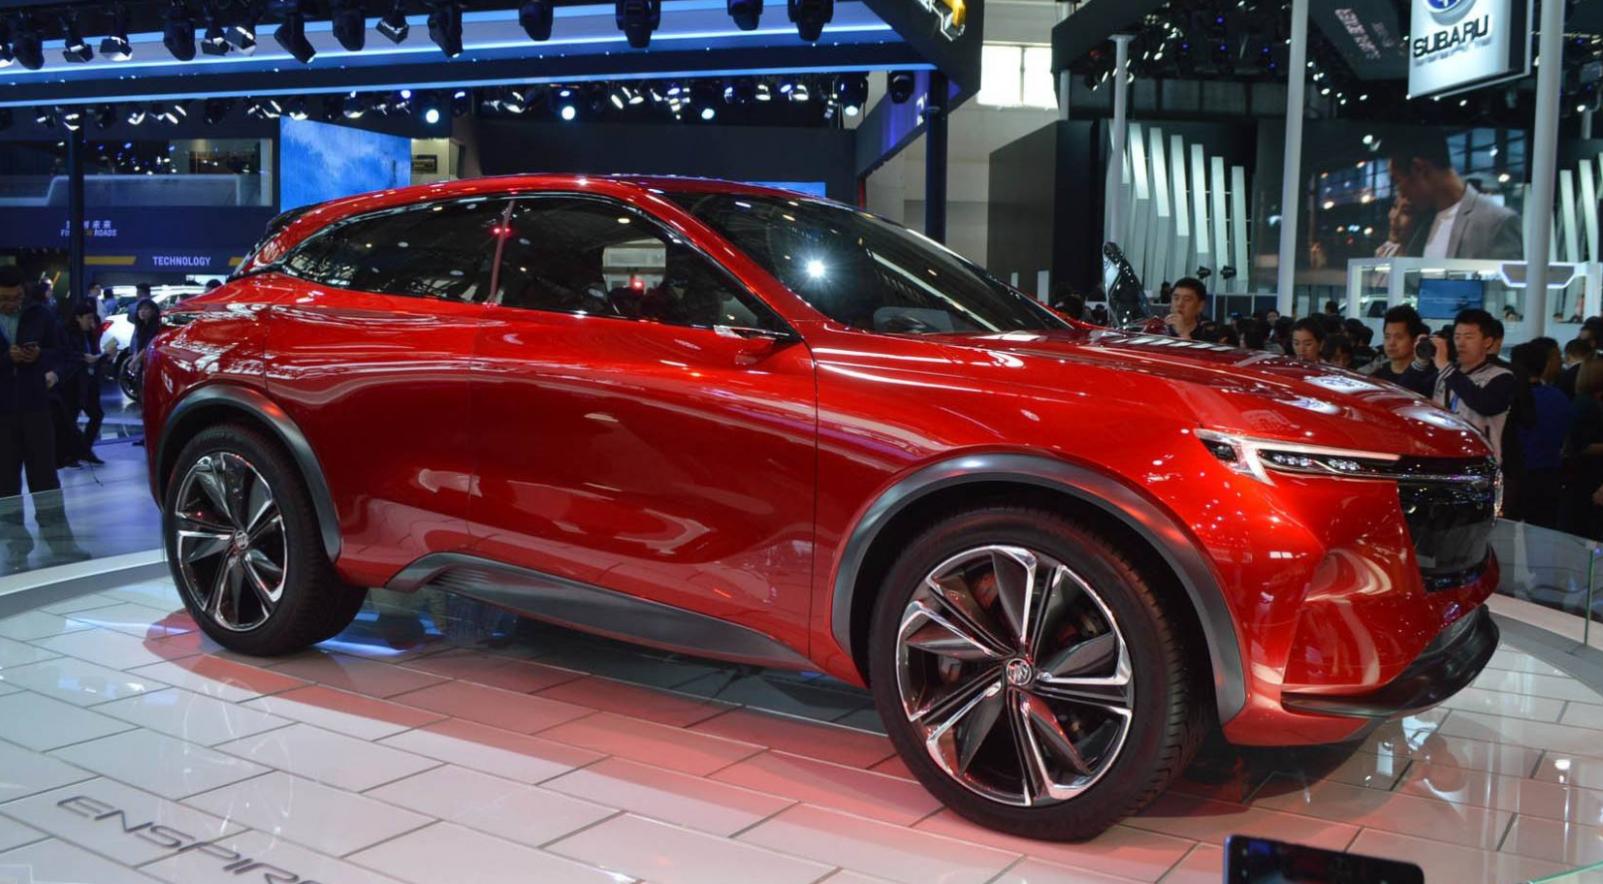 2021 Buick Gnx Exterior